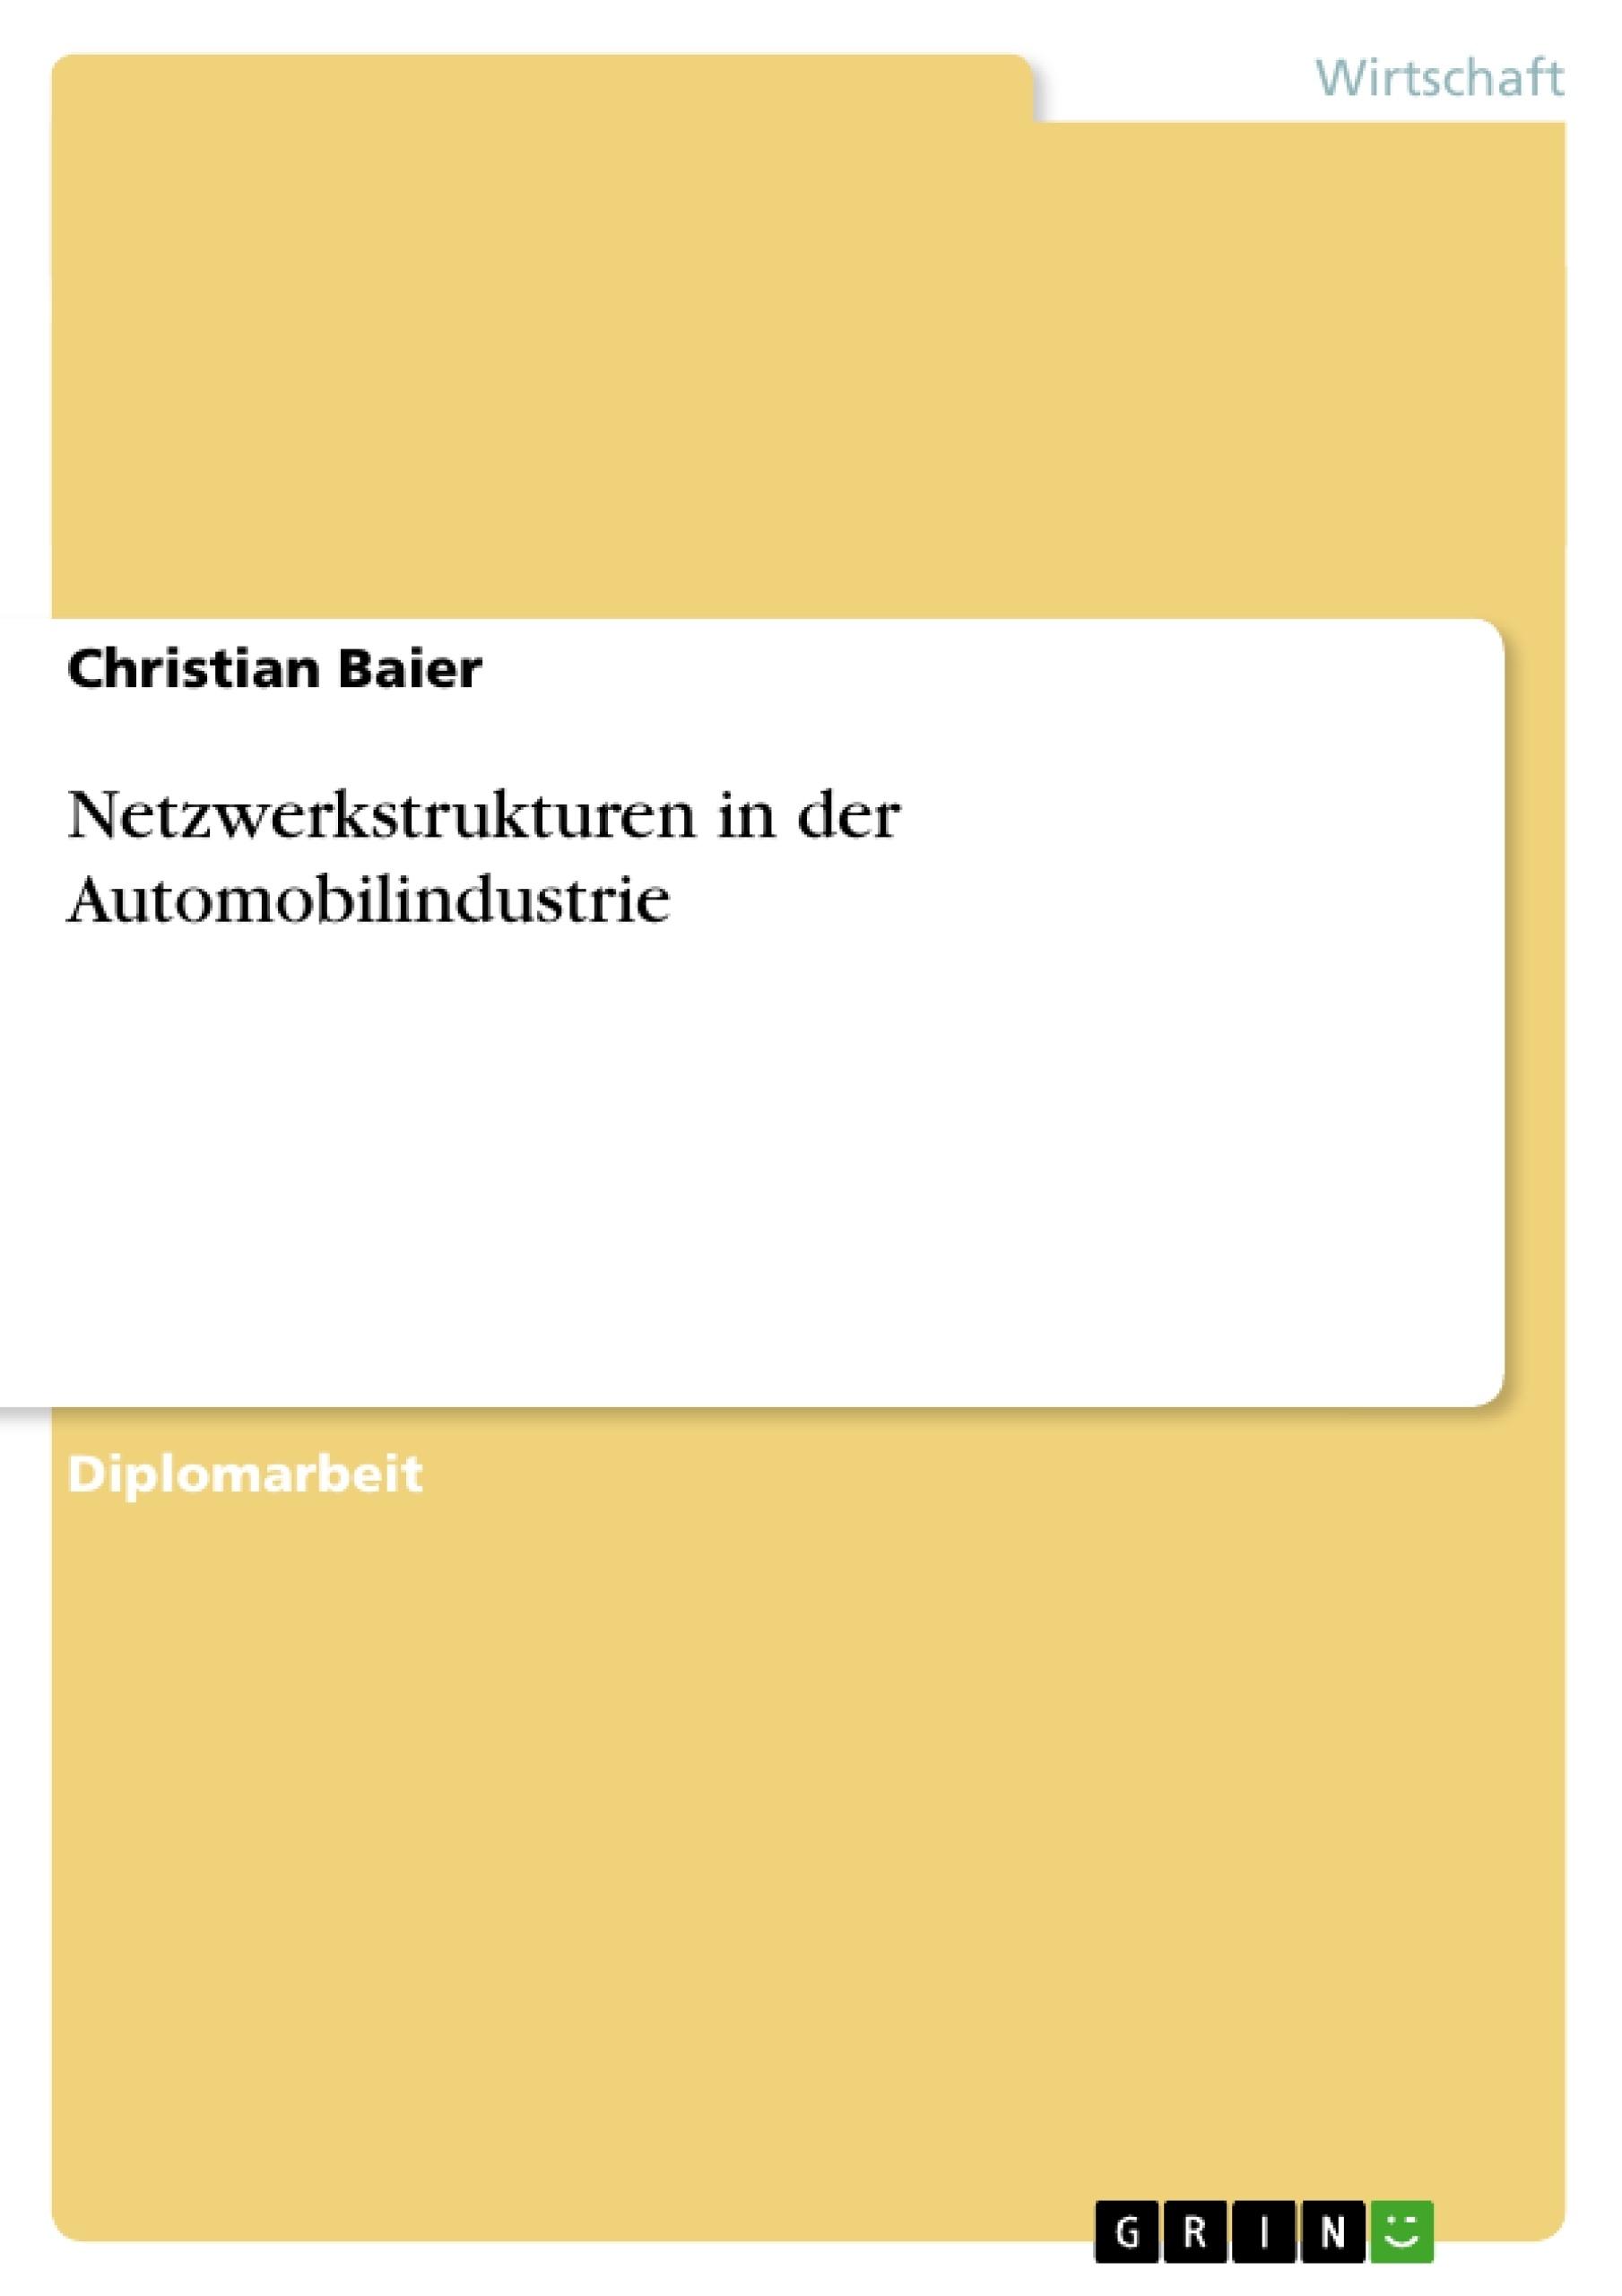 Titel: Netzwerkstrukturen in der Automobilindustrie